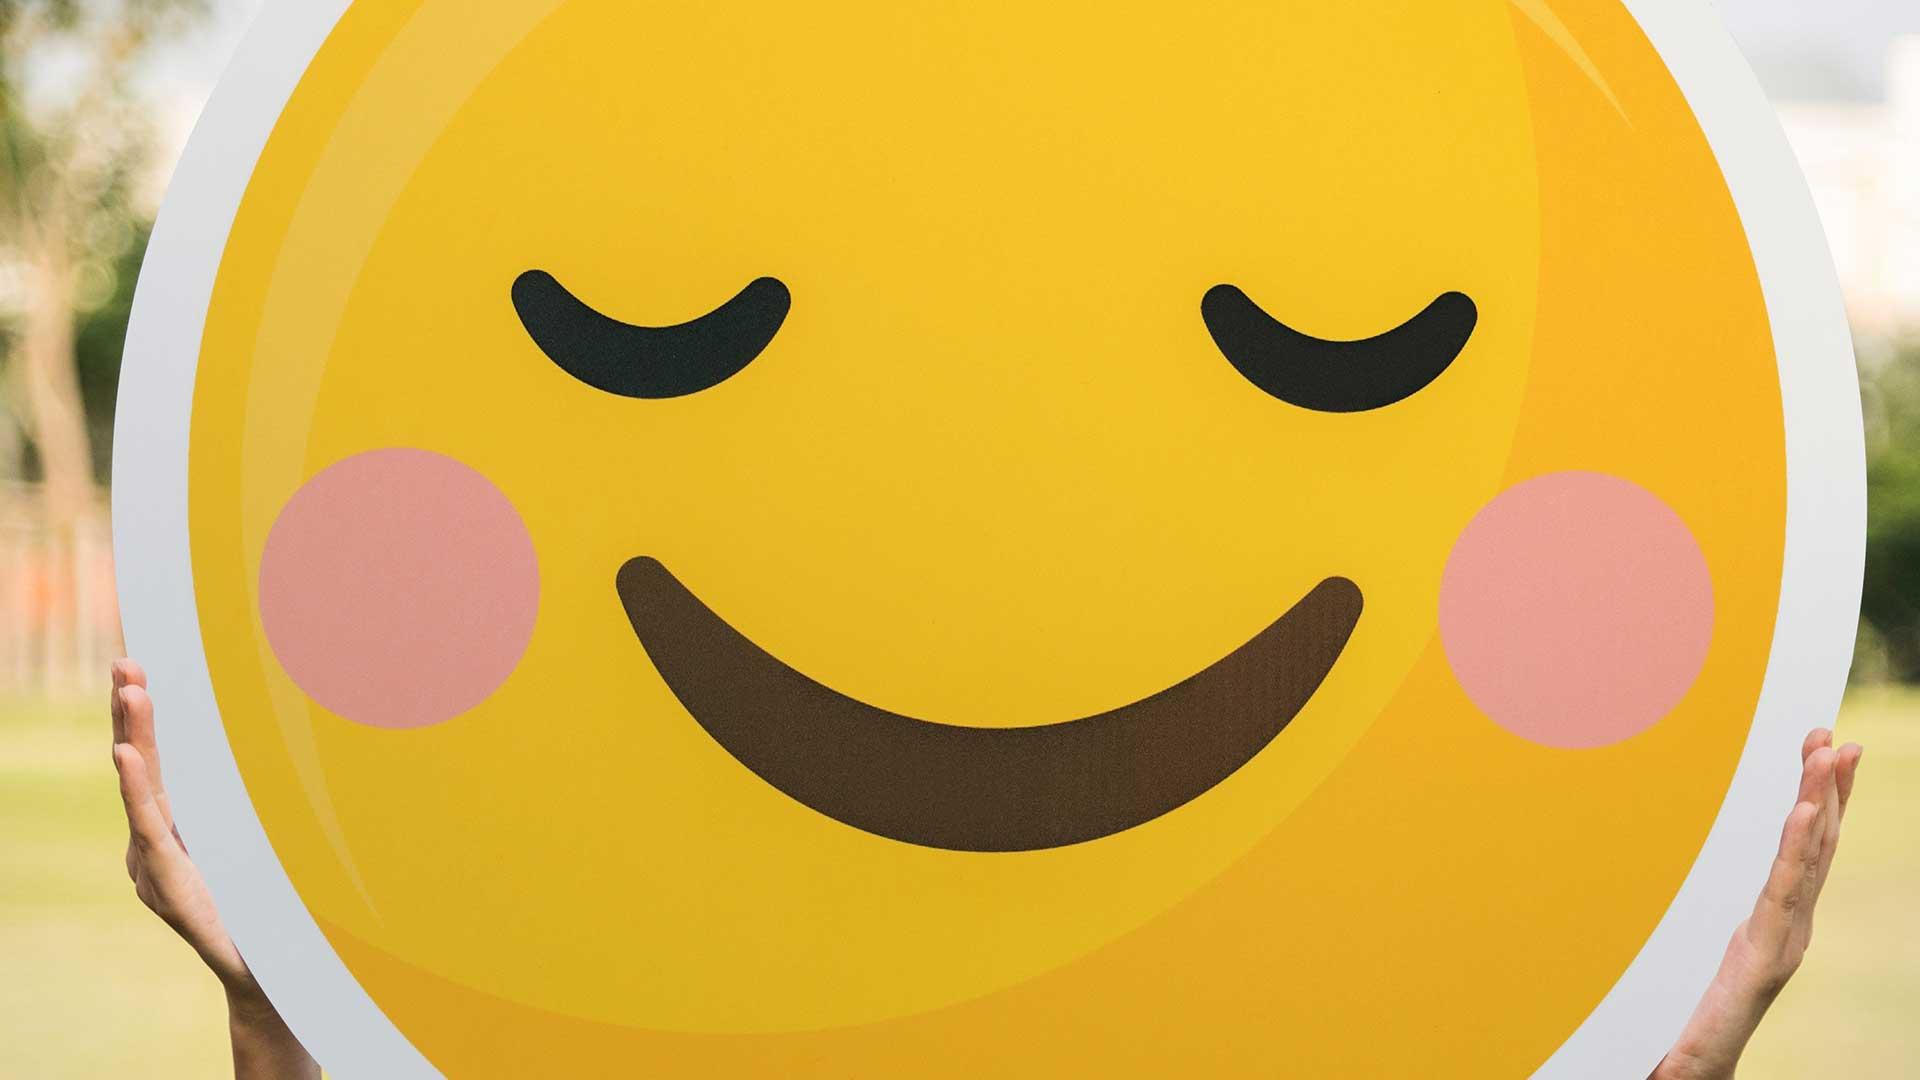 Person holding big happy emoticon